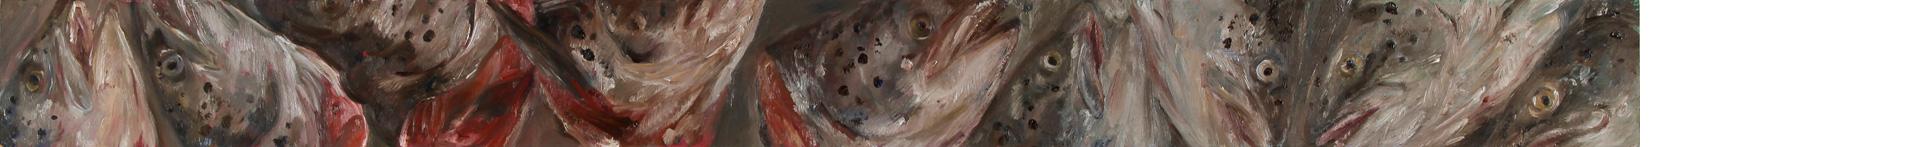 Lachskopffries 5, 2019, 110 x 10 cm, Öl auf MDF